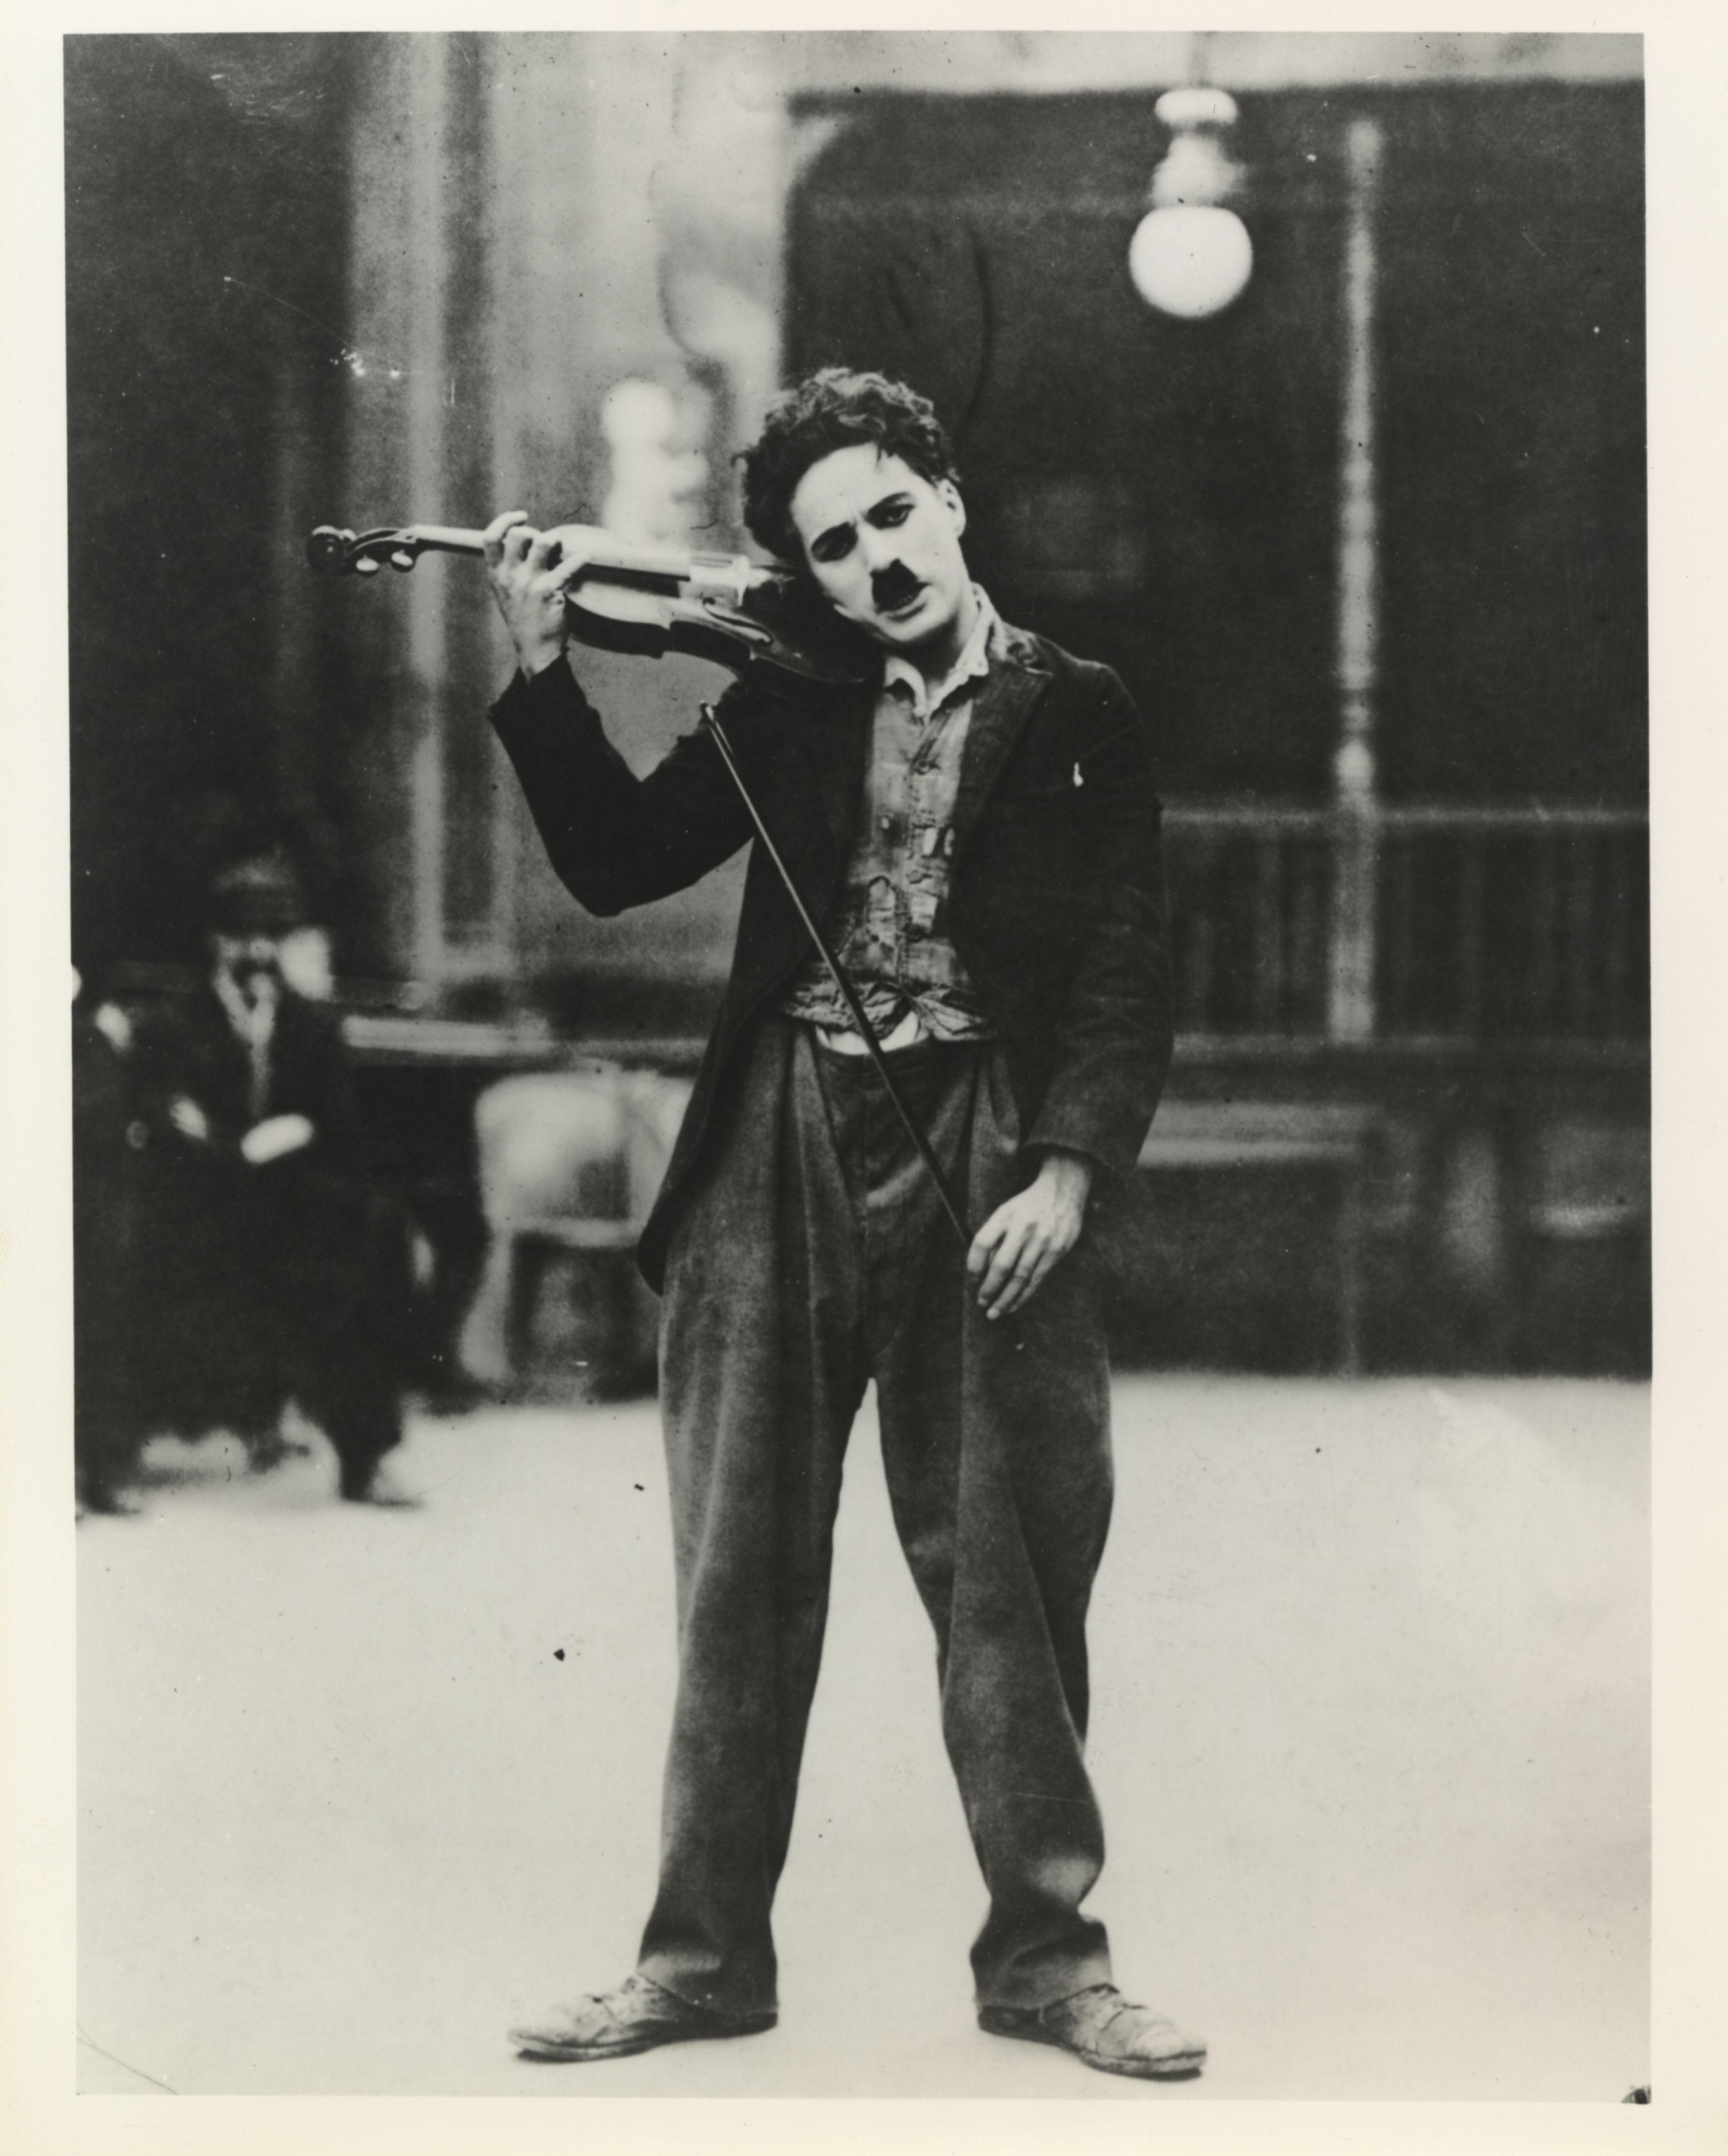 Chaplin mit Geige während der Verfilmung des Charlot-Musikers 1916